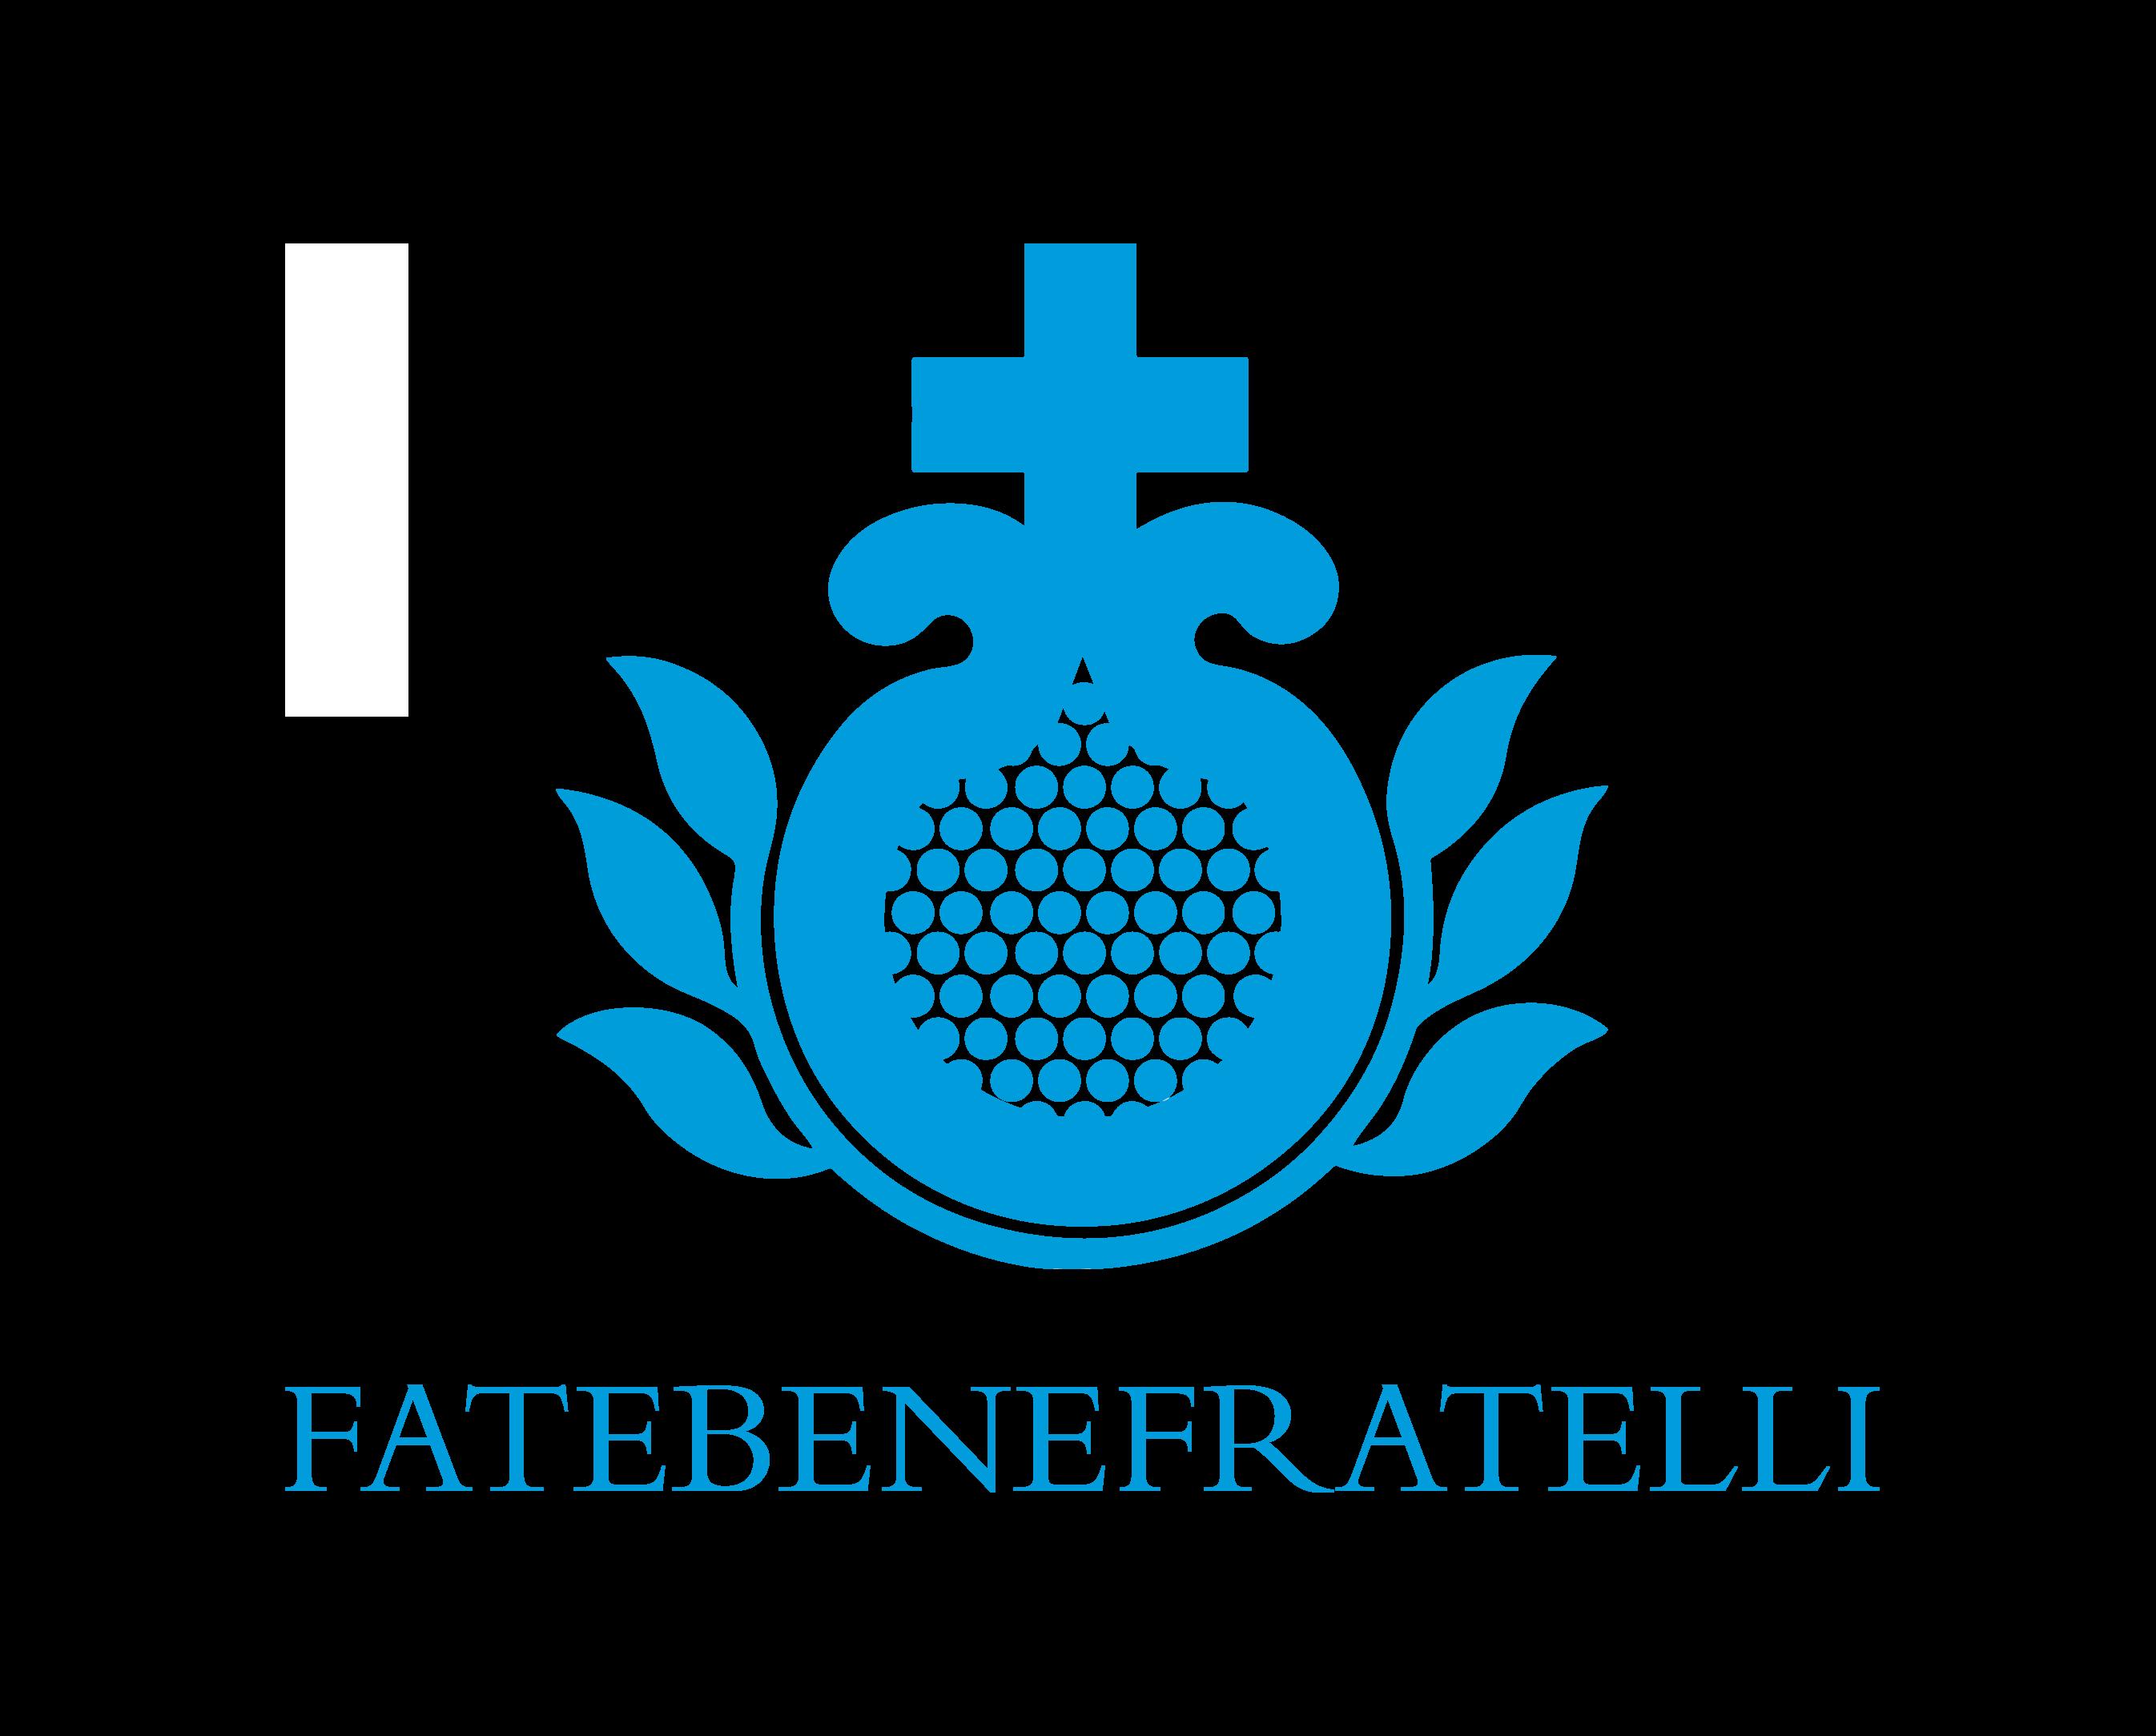 Fatebenefratelli